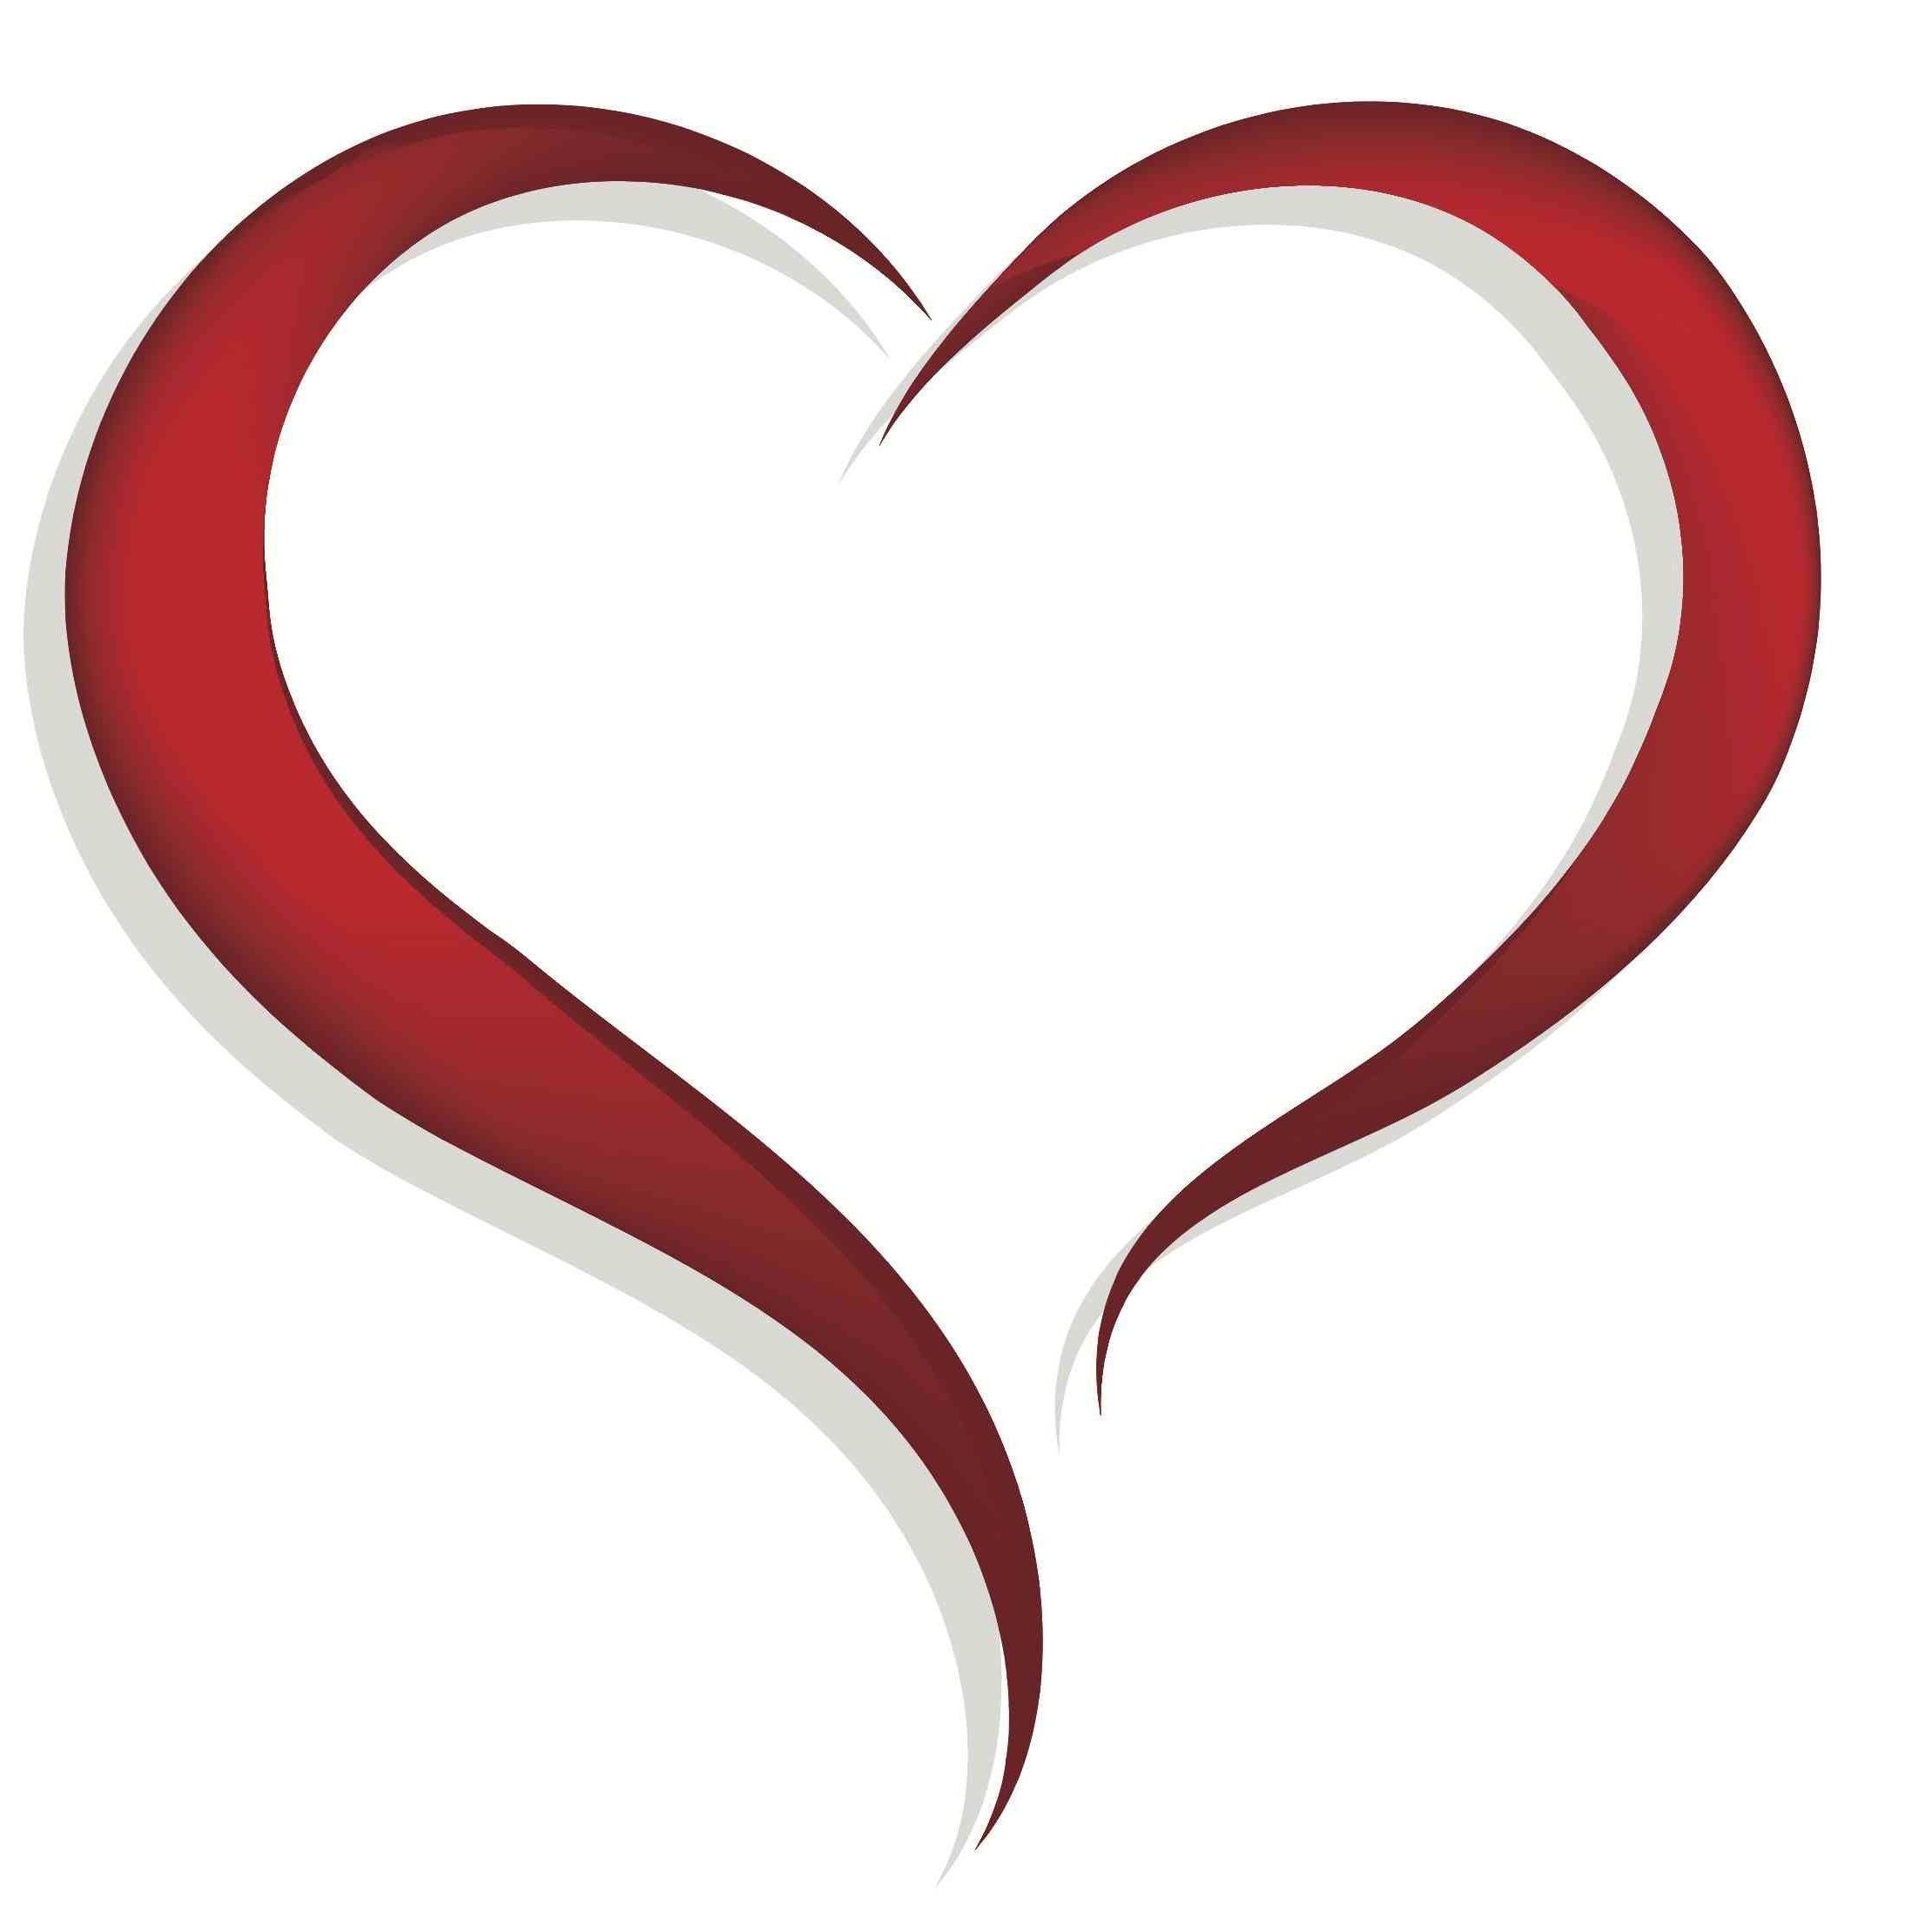 2219x2219 Open Heart Clipart Clip